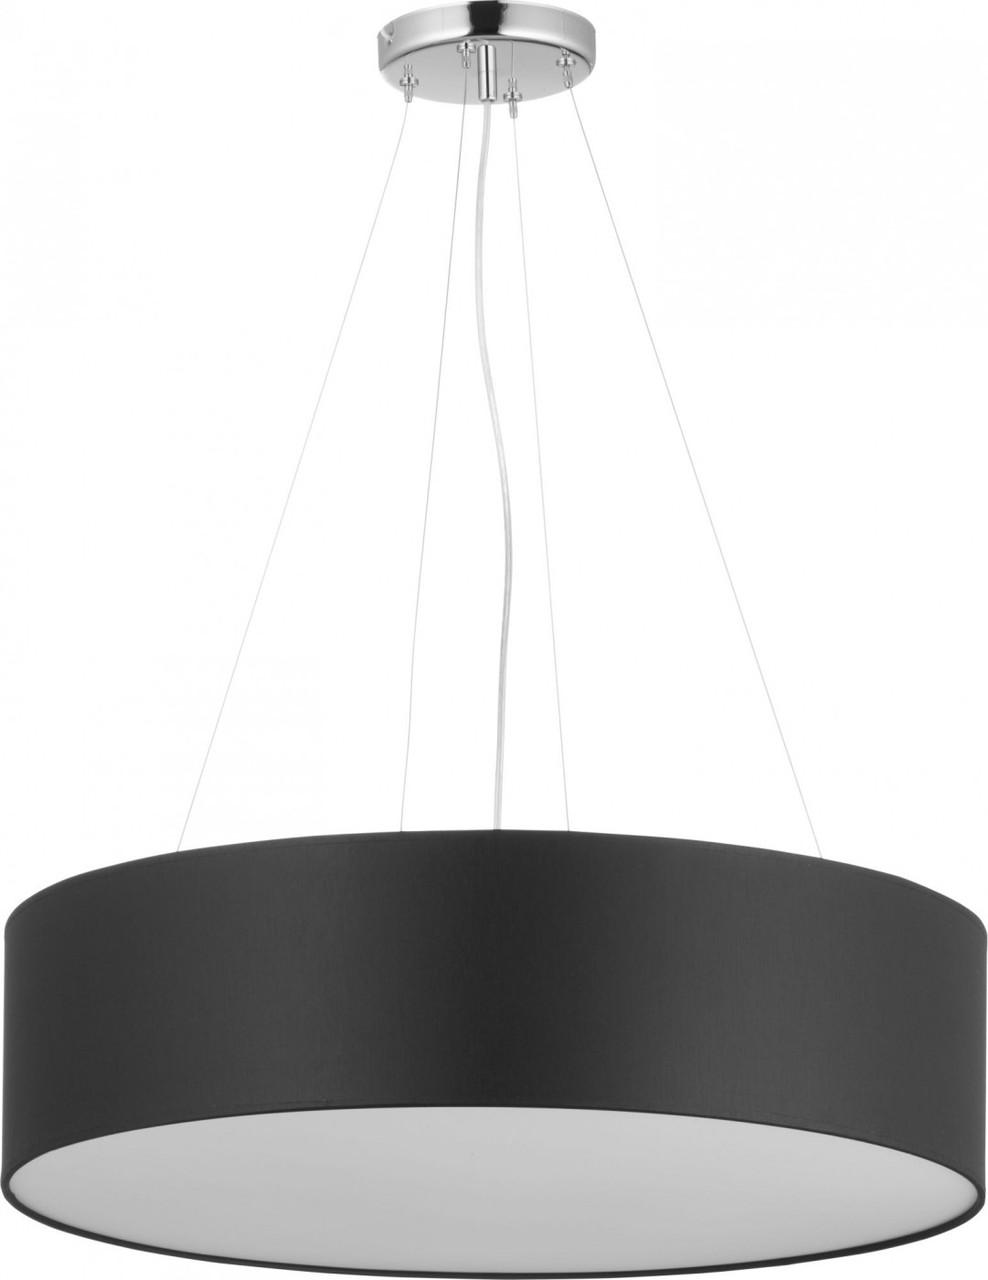 Люстра подвесная TK Lighting 4247 VIENNA